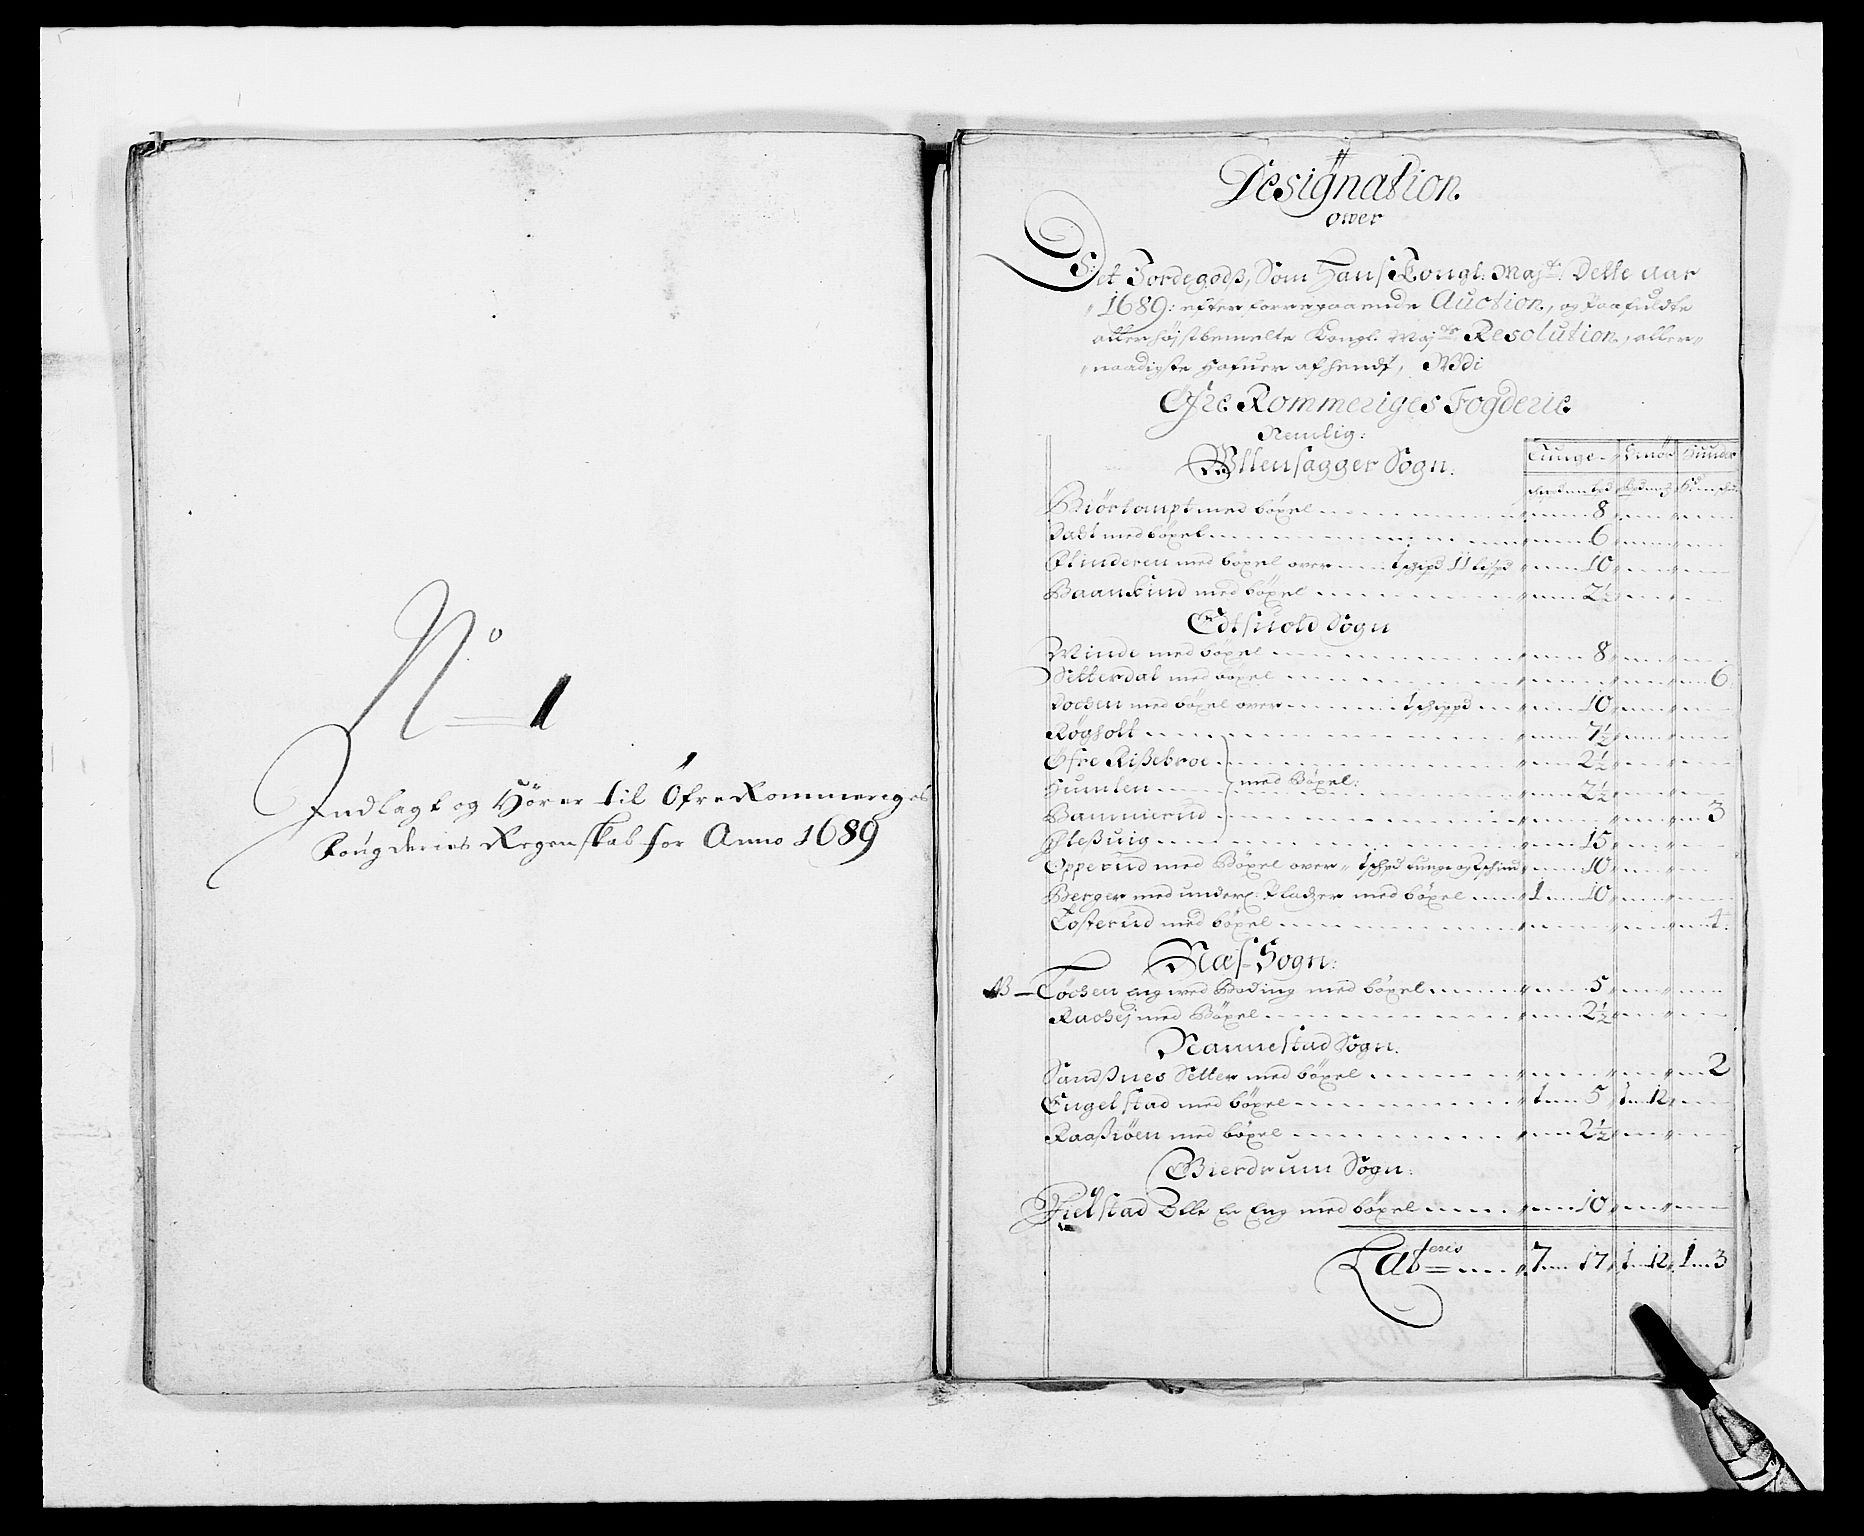 RA, Rentekammeret inntil 1814, Reviderte regnskaper, Fogderegnskap, R12/L0701: Fogderegnskap Øvre Romerike, 1689, s. 247